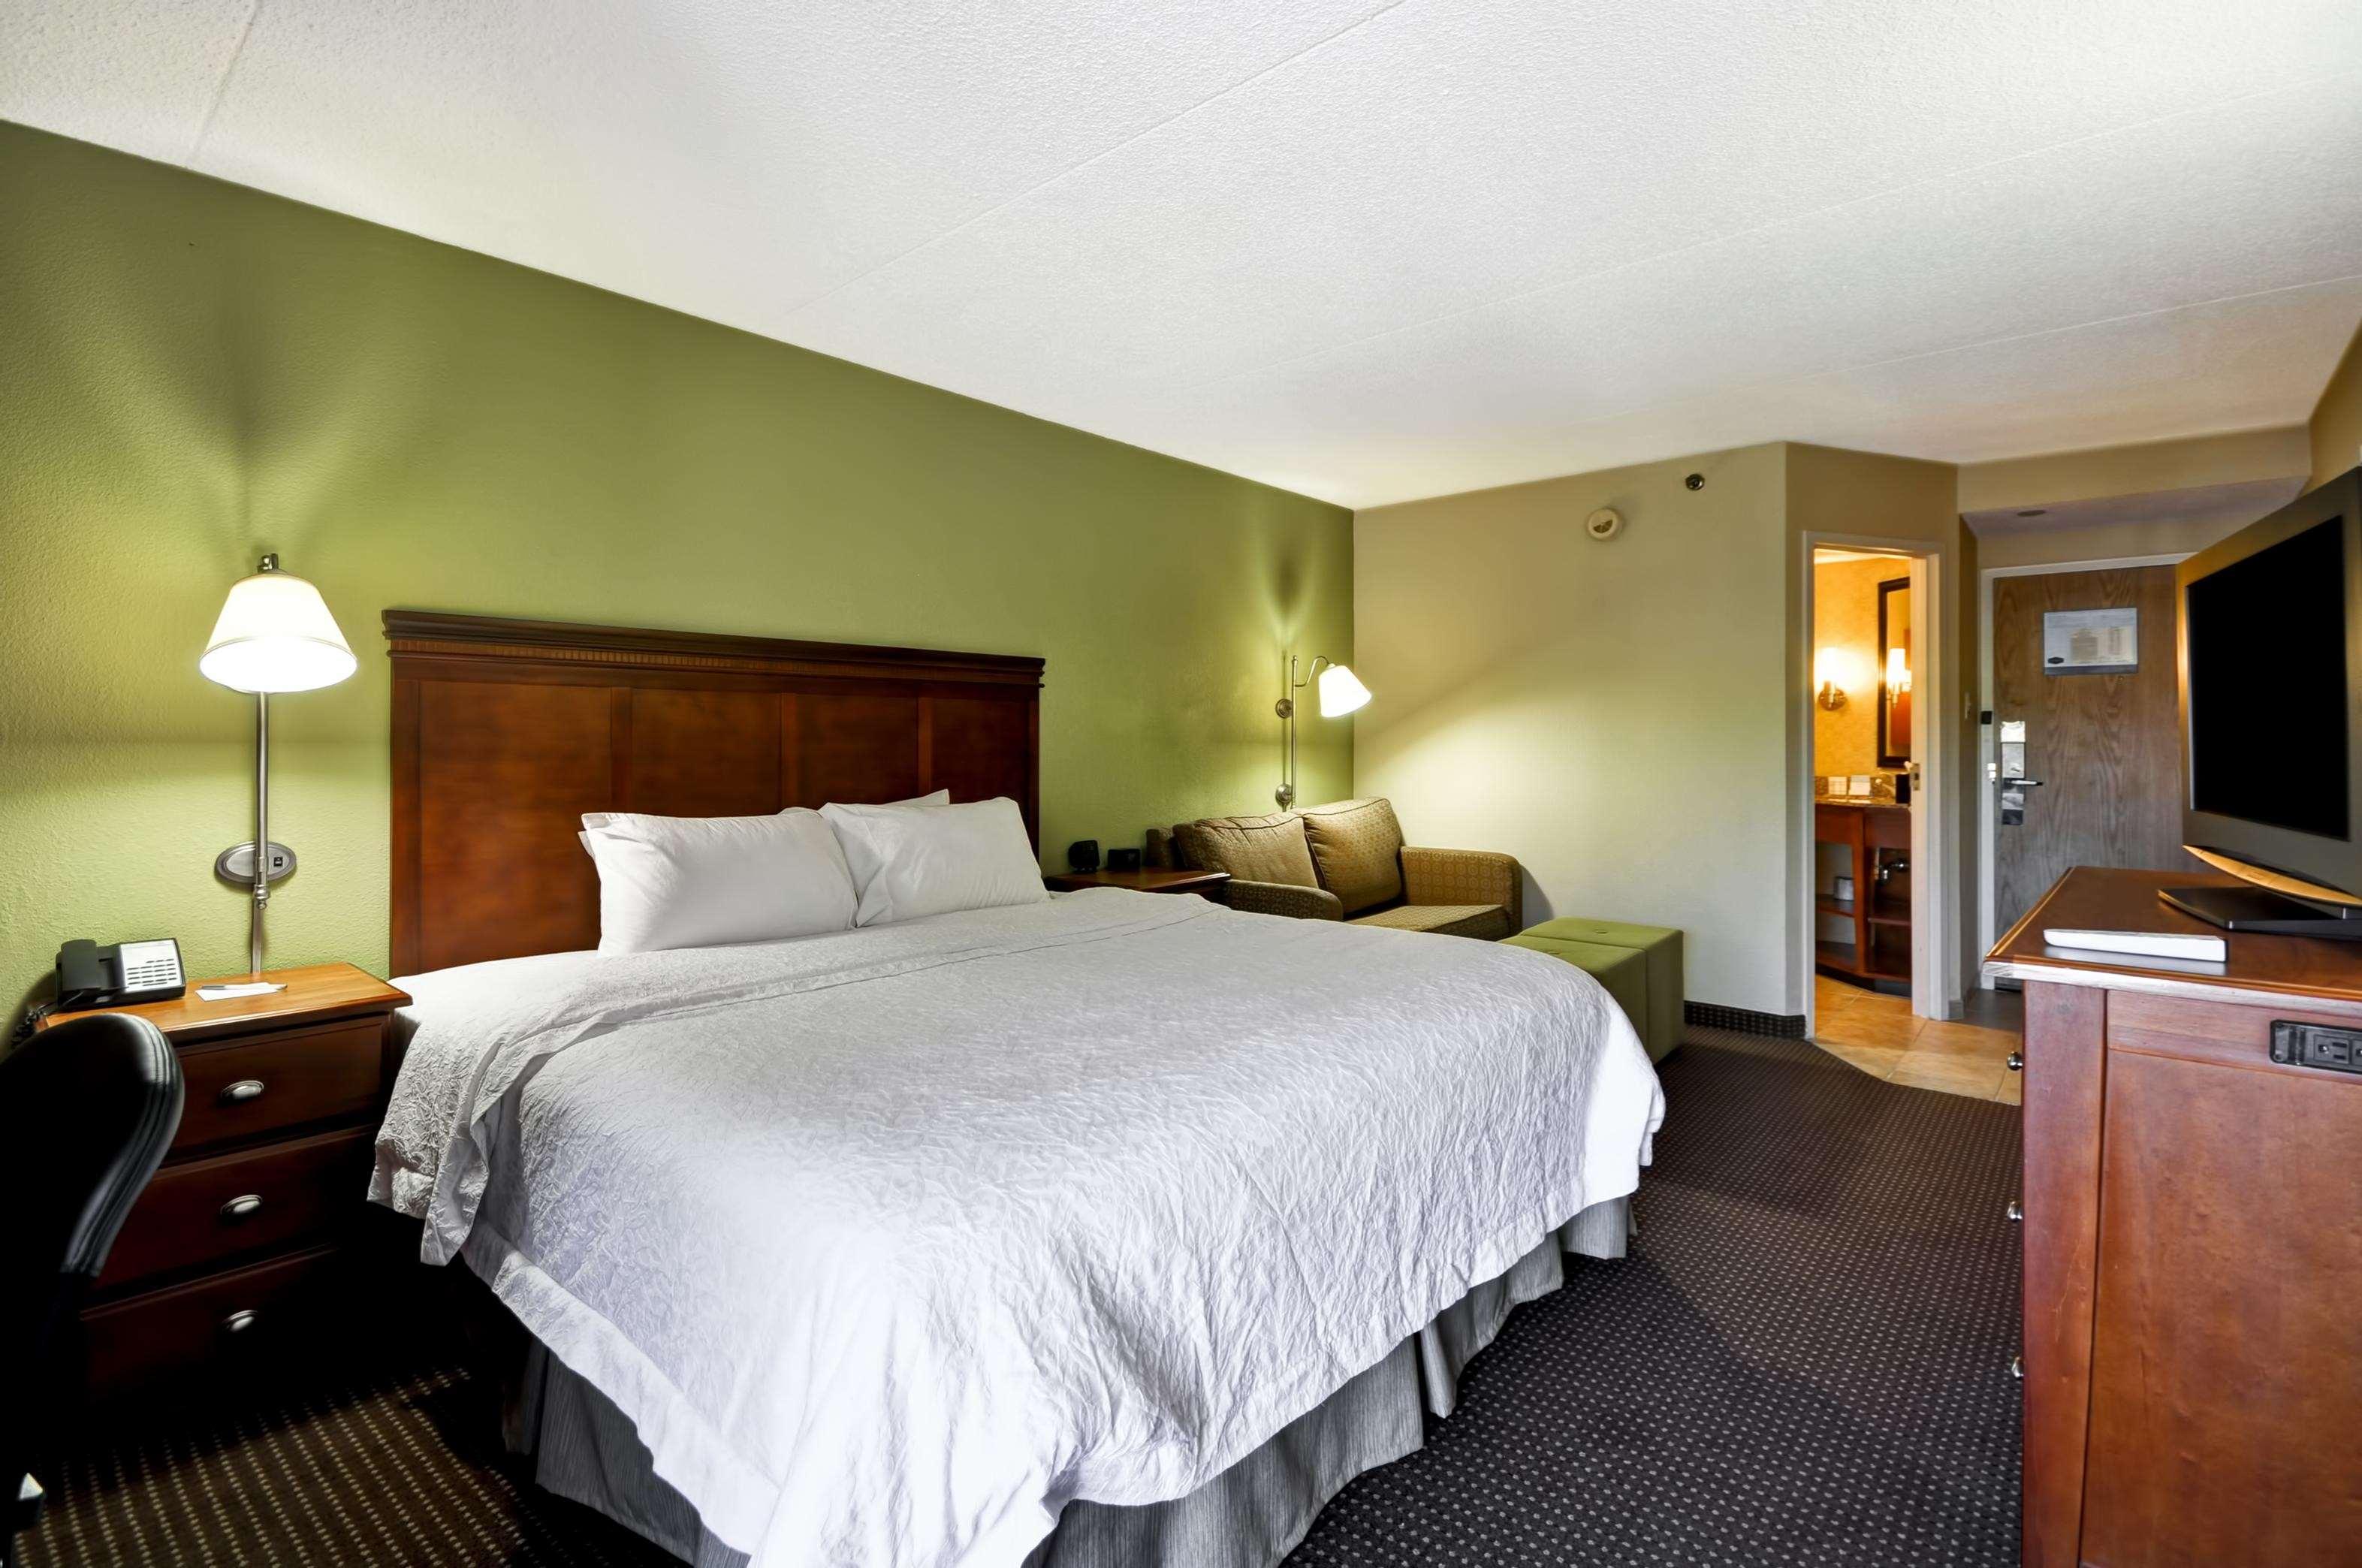 Hampton Inn St. Louis/Westport image 40